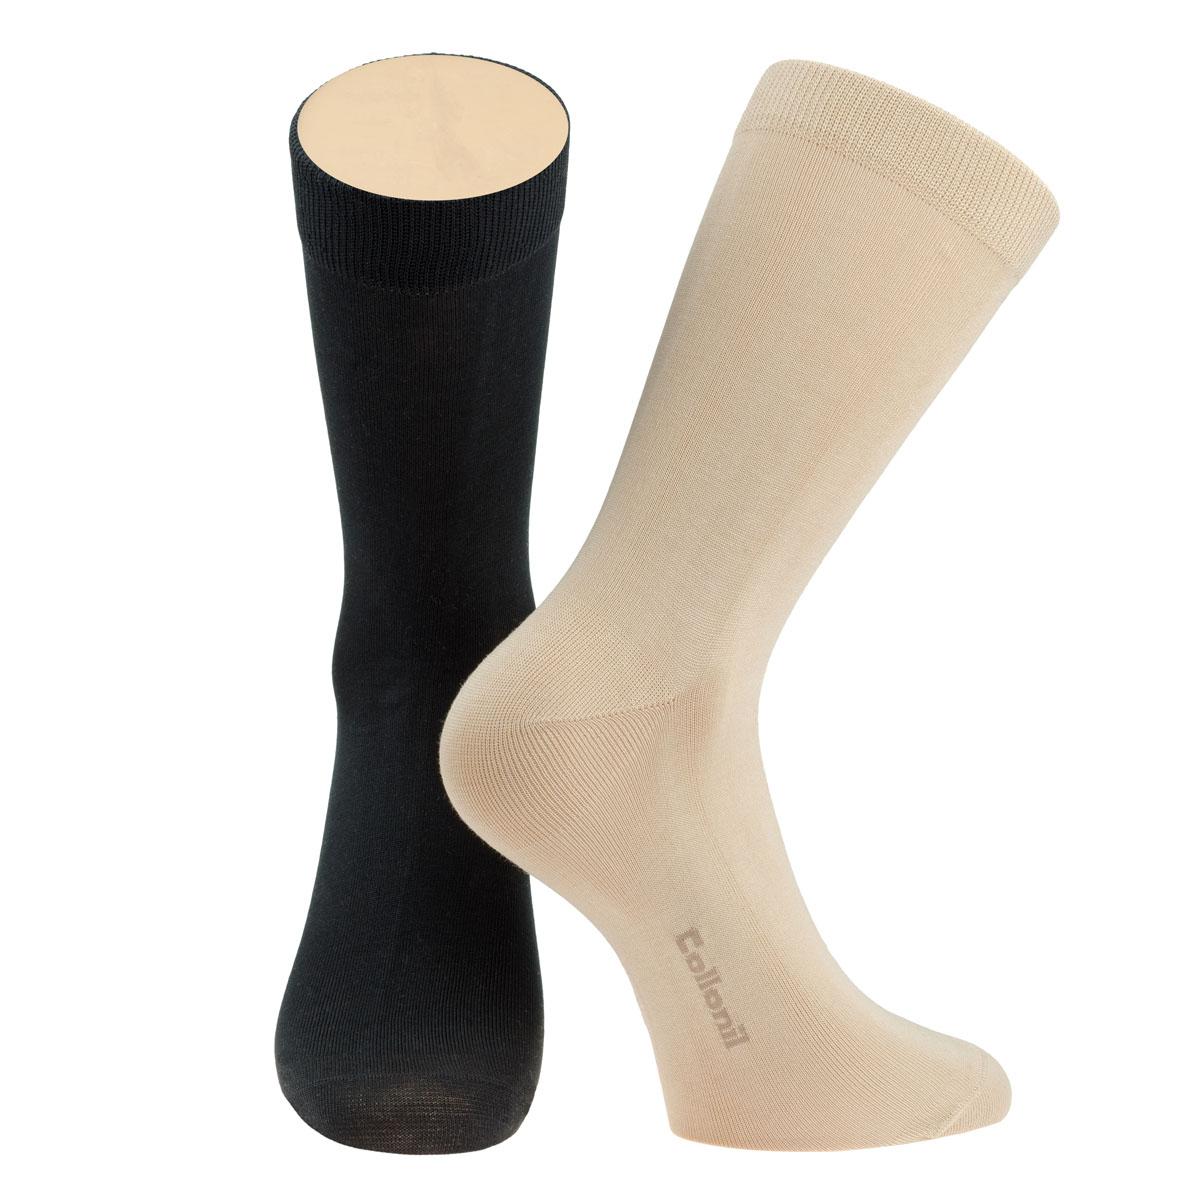 Носки мужские Collonil, цвет: черный, бежевый, 2 пары. CE3-40/04. Размер 39-42CE3-40/04Мужские носки Collonil изготовлены из эластичного хлопка с добавлением полиамида.Удлиненная широкая резинка не сдавливает и комфортно облегает ногу.В комплекте 2 пары.